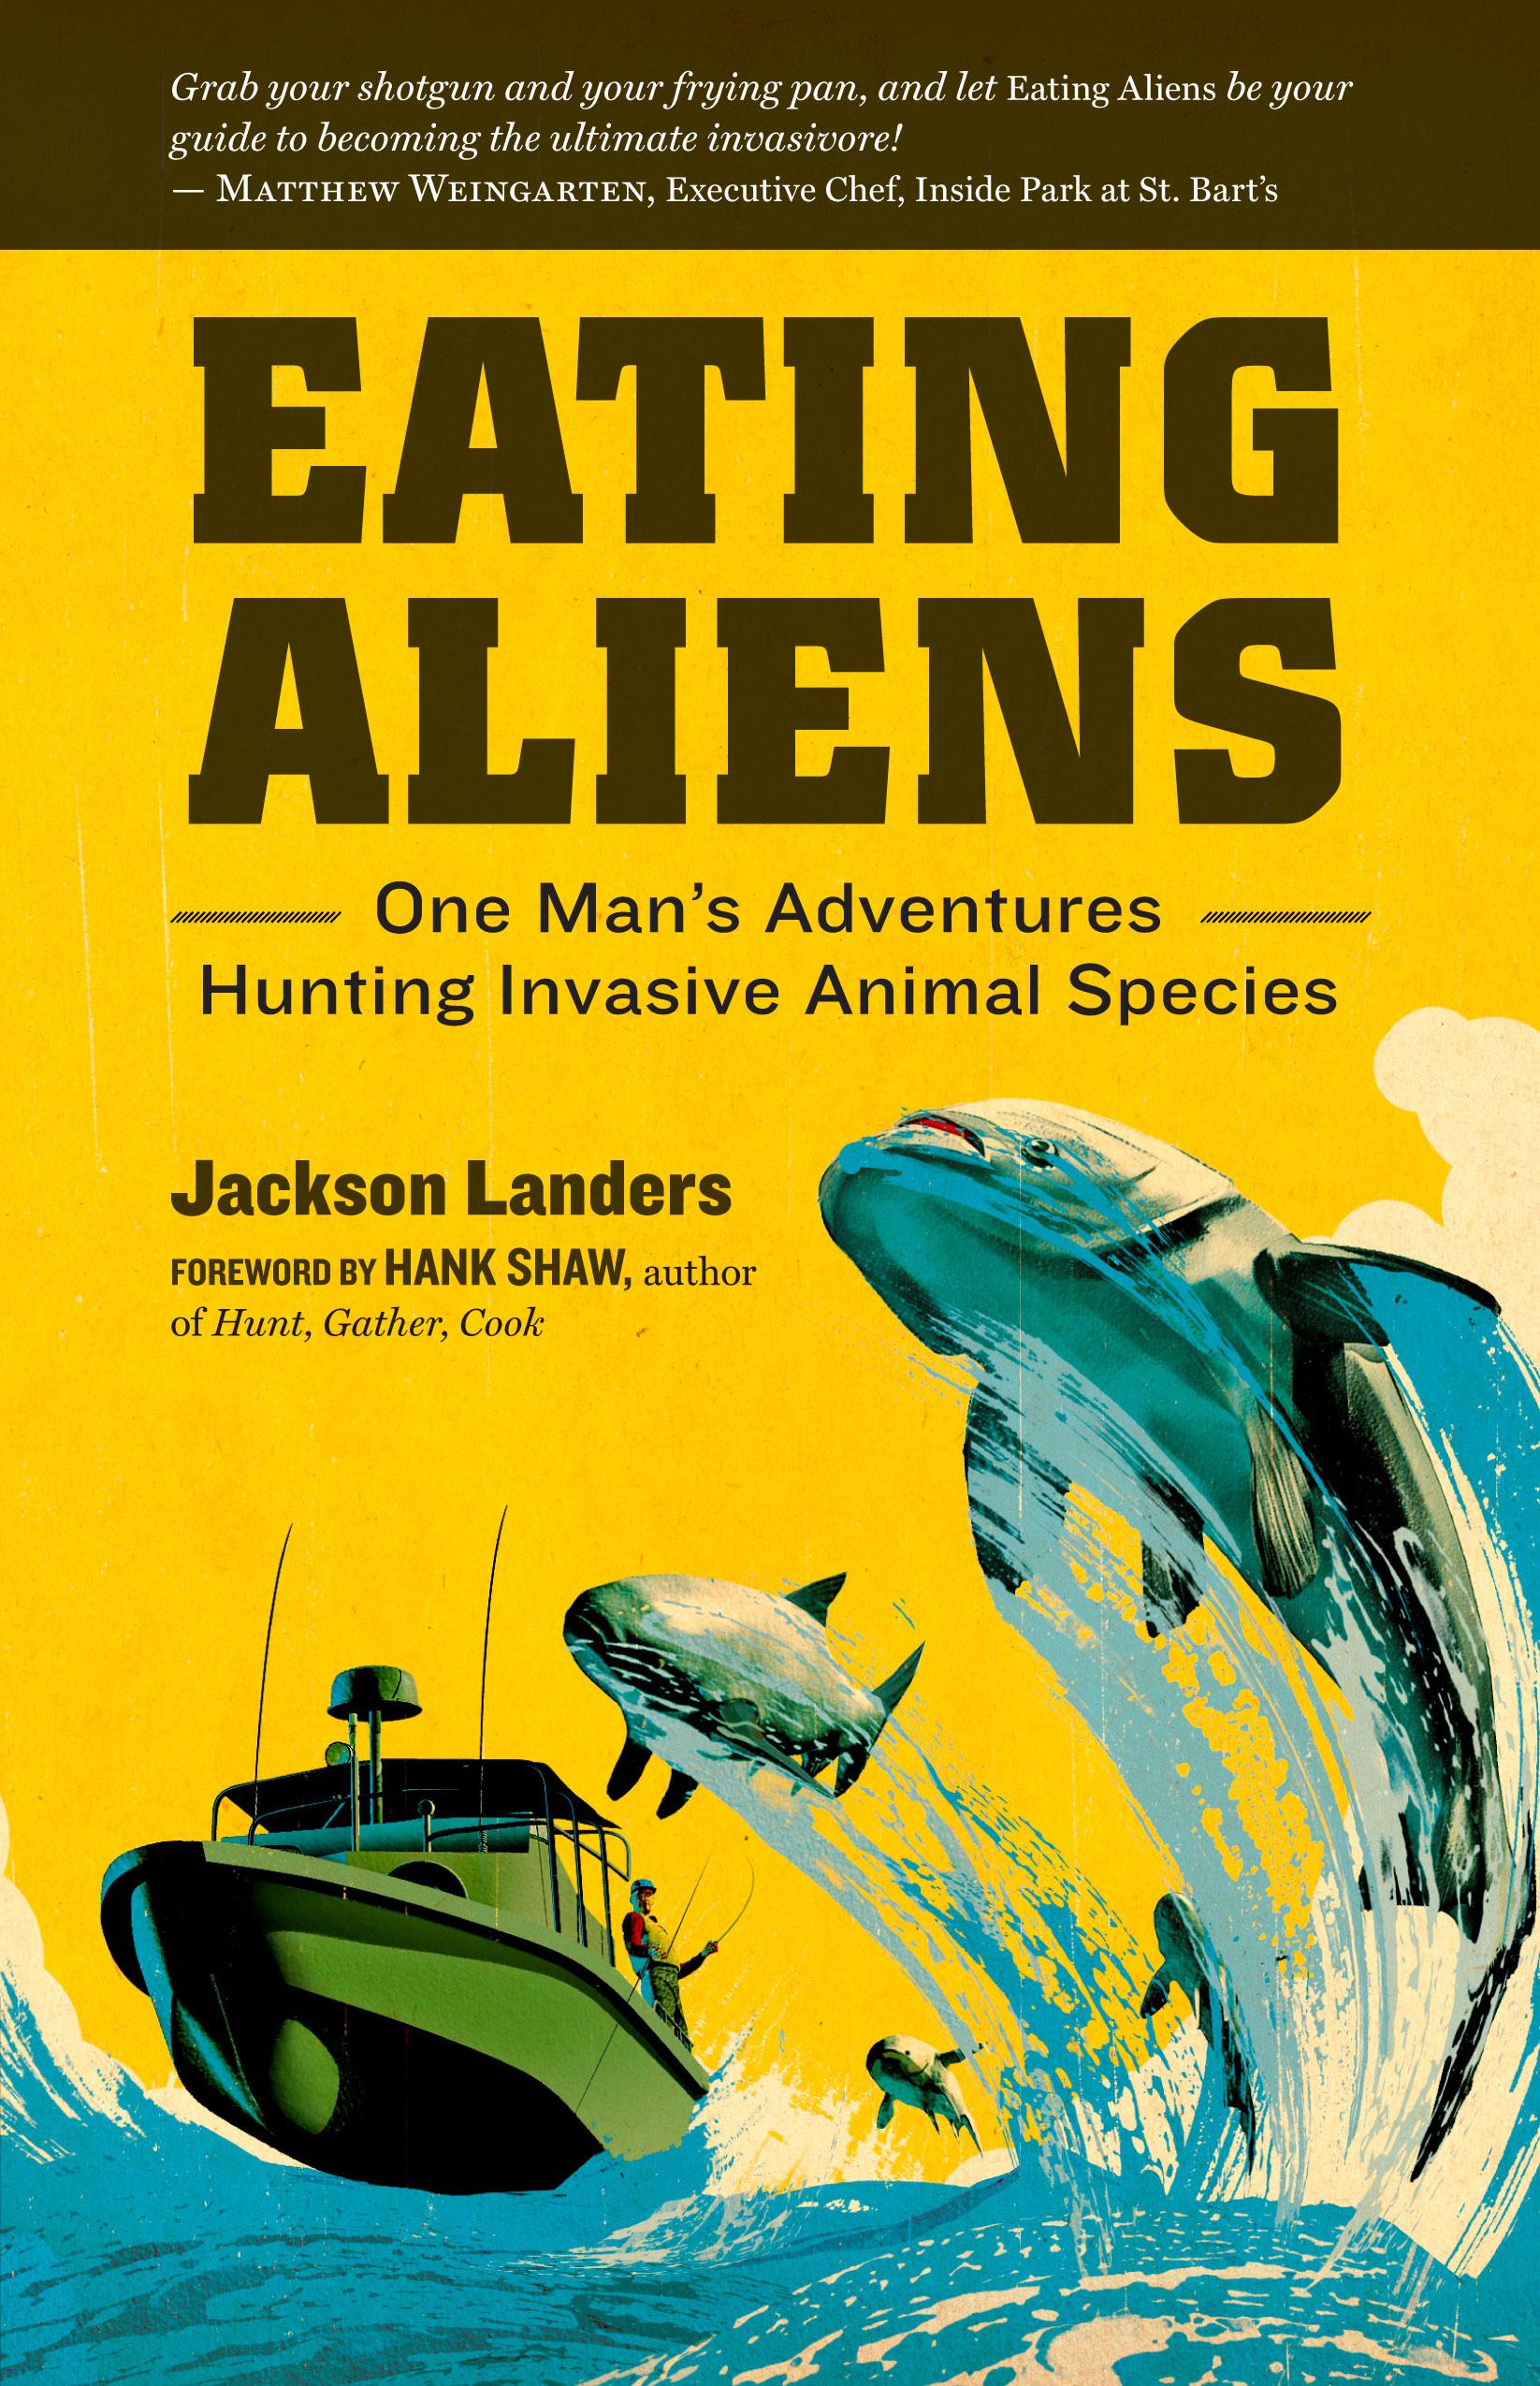 Eating Aliens One Man's Adventures Hunting Invasive Animal Species - Jackson Landers